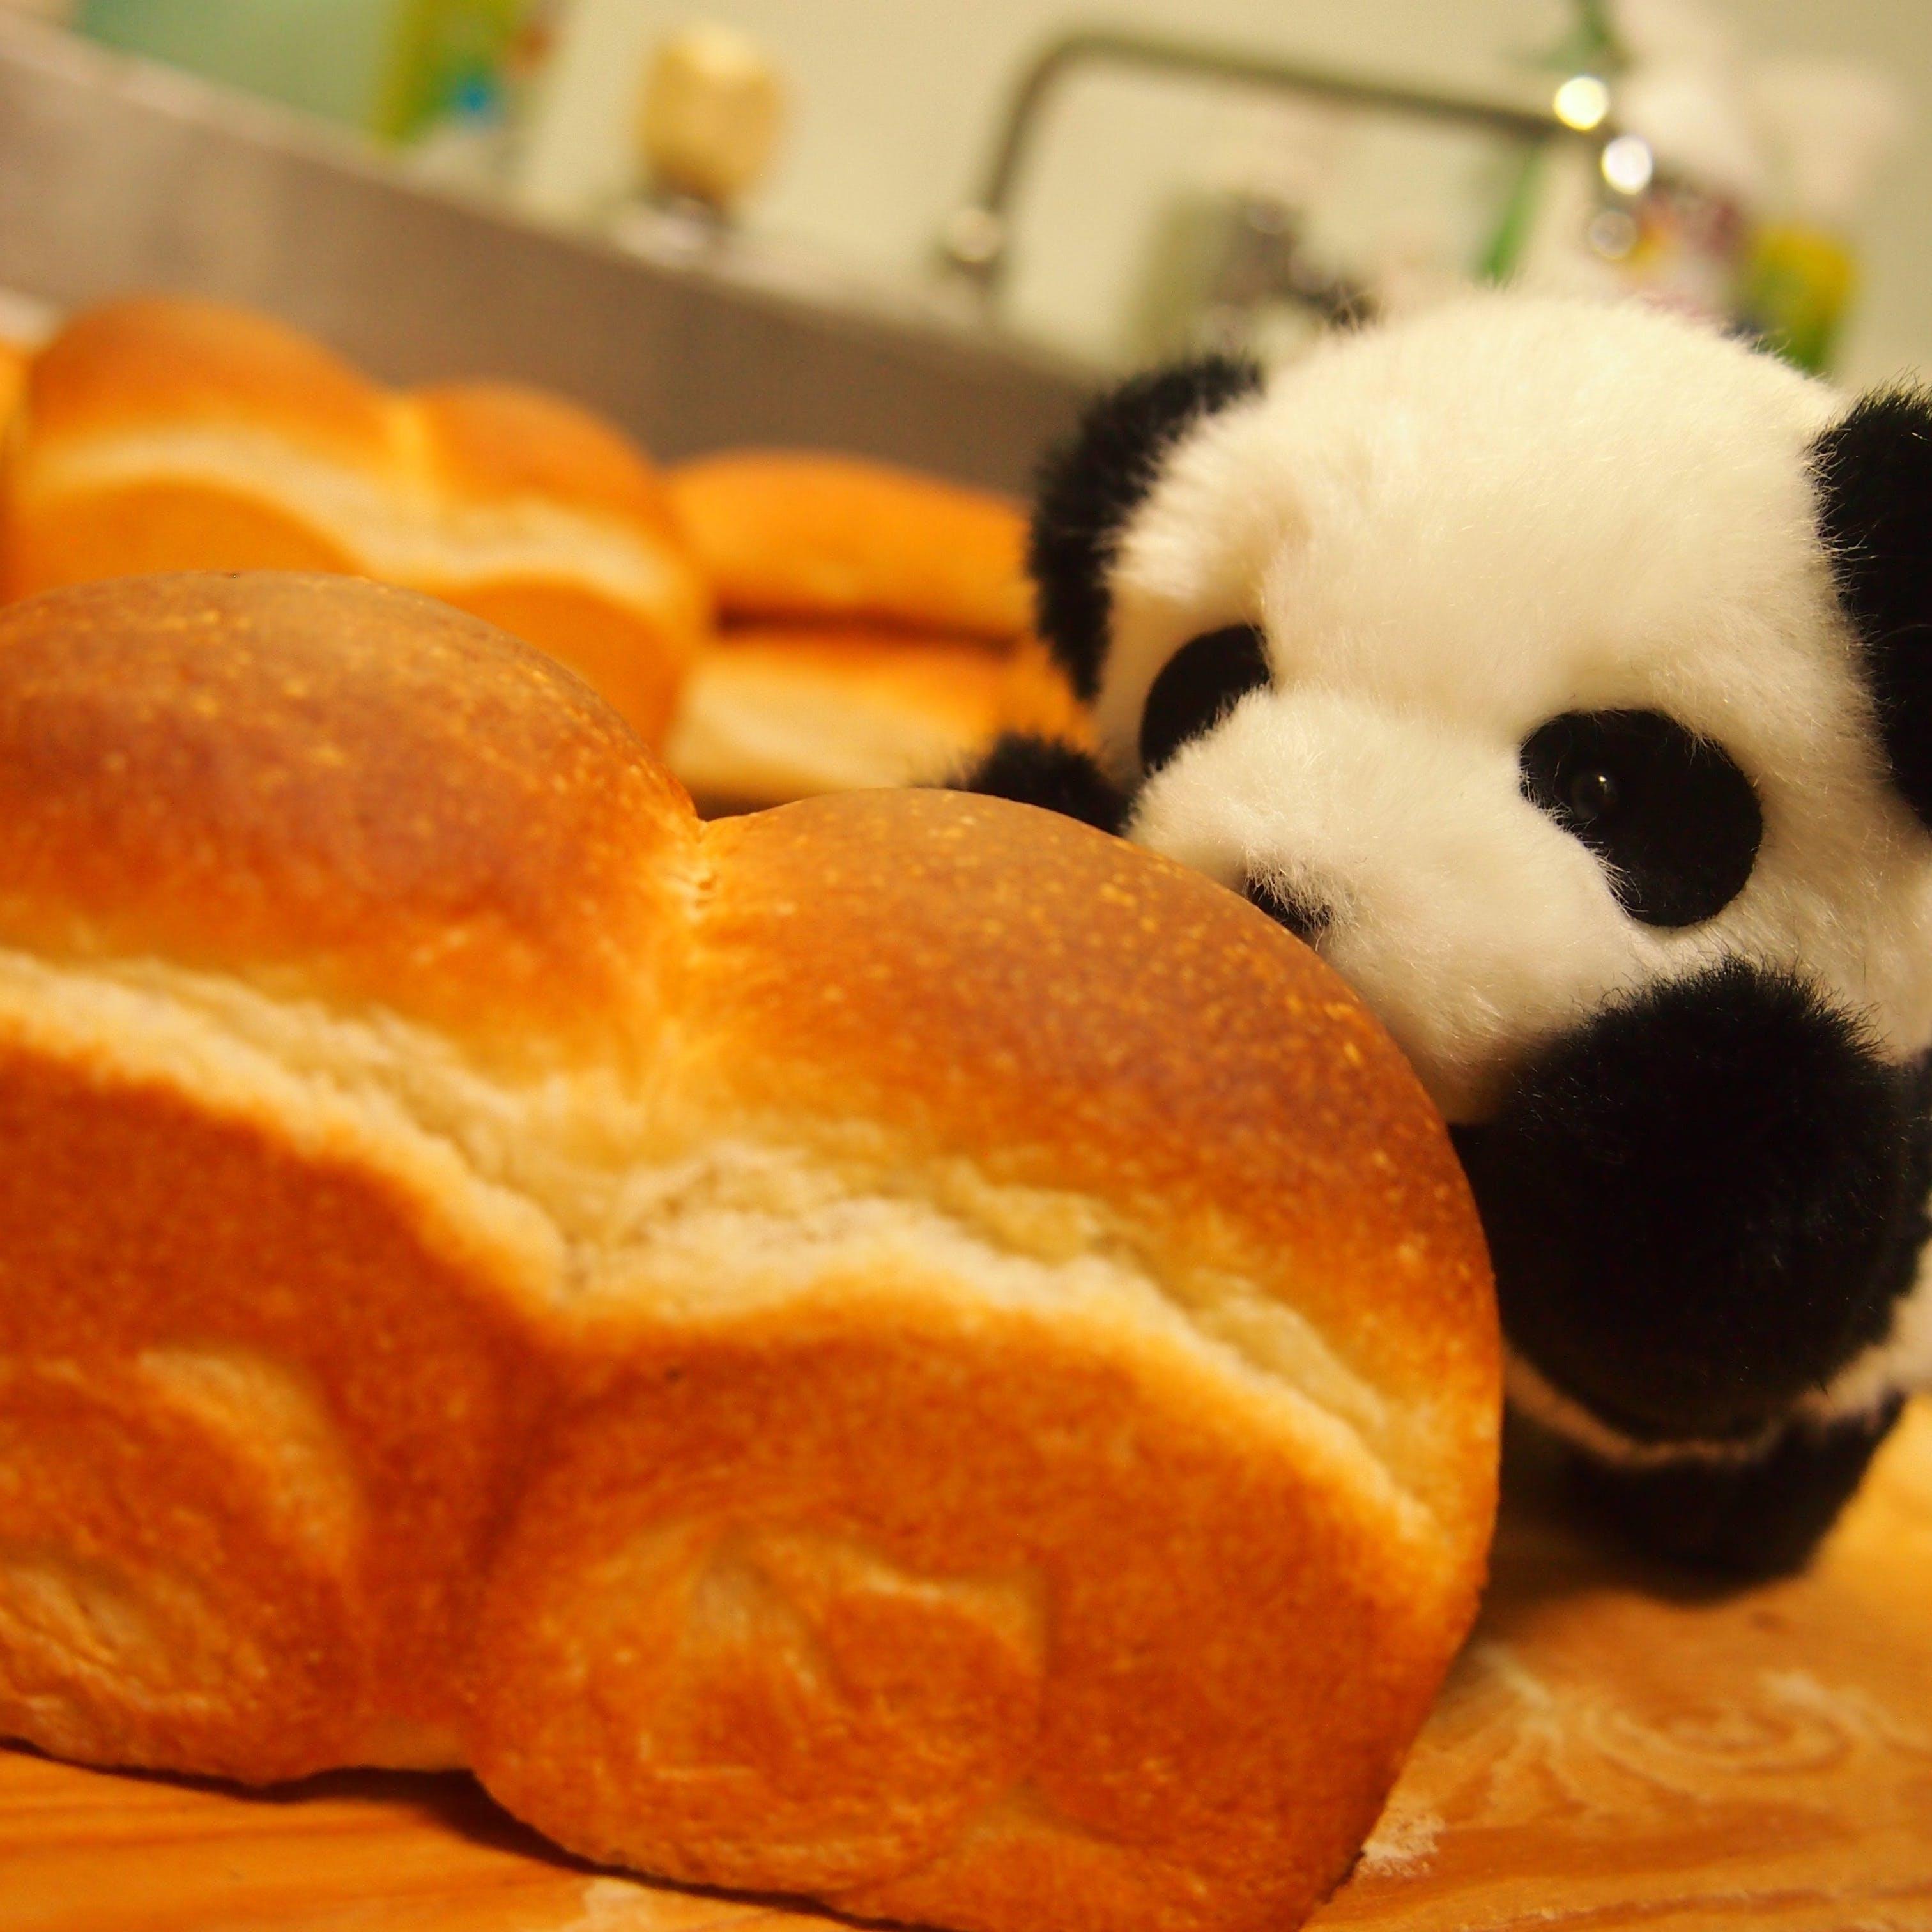 パン屋さんの「常識」を覆す!鳥取パン専門店「パン工房ほとり」の挑戦。